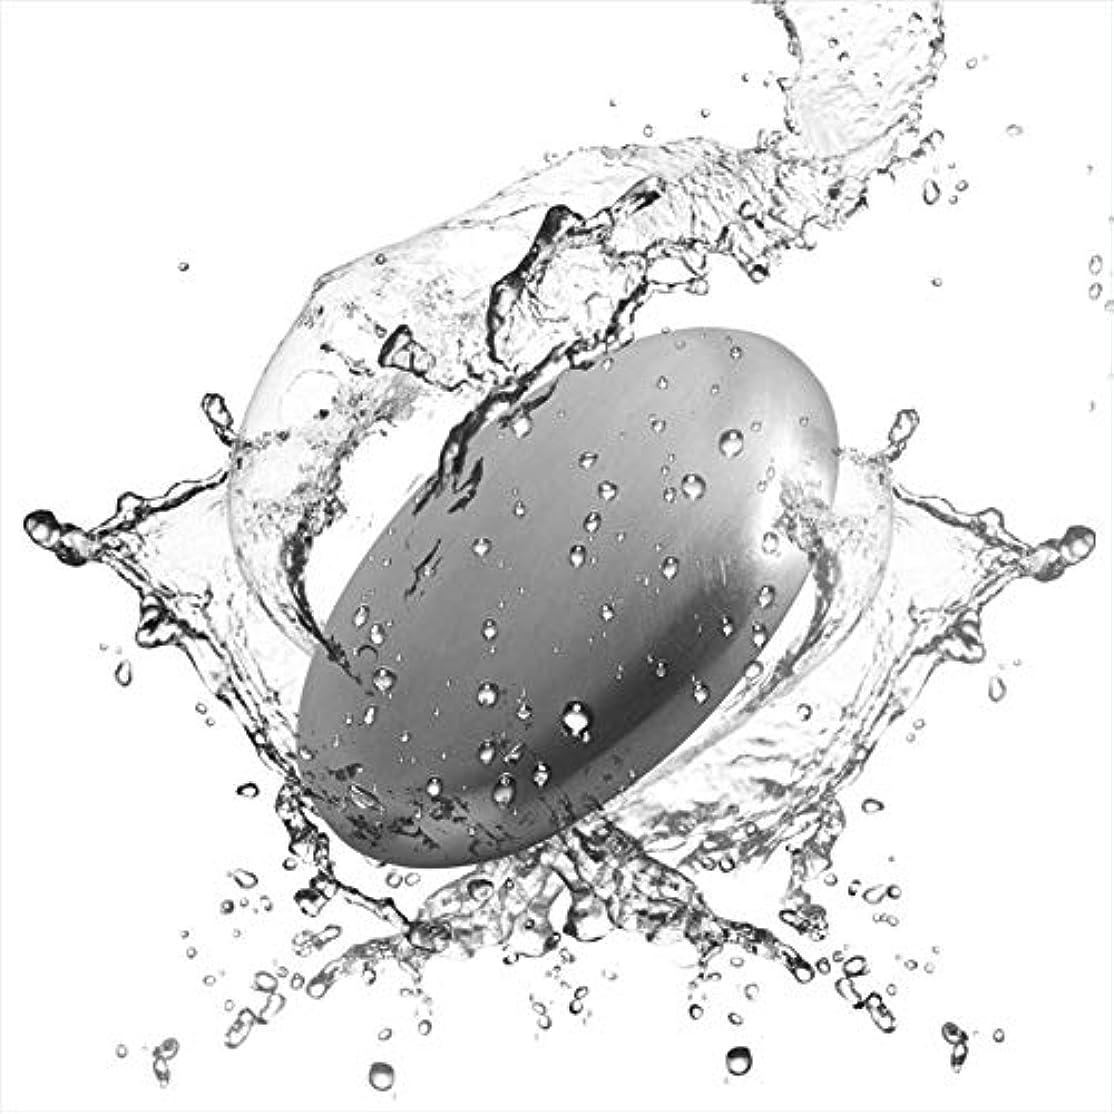 アナログ買い手薄汚いRefoiner ステンレス製品 ソープ 実用的な台所用具 石鹸 魚臭 玉ねぎやニンニク 異臭を取り除く 2個